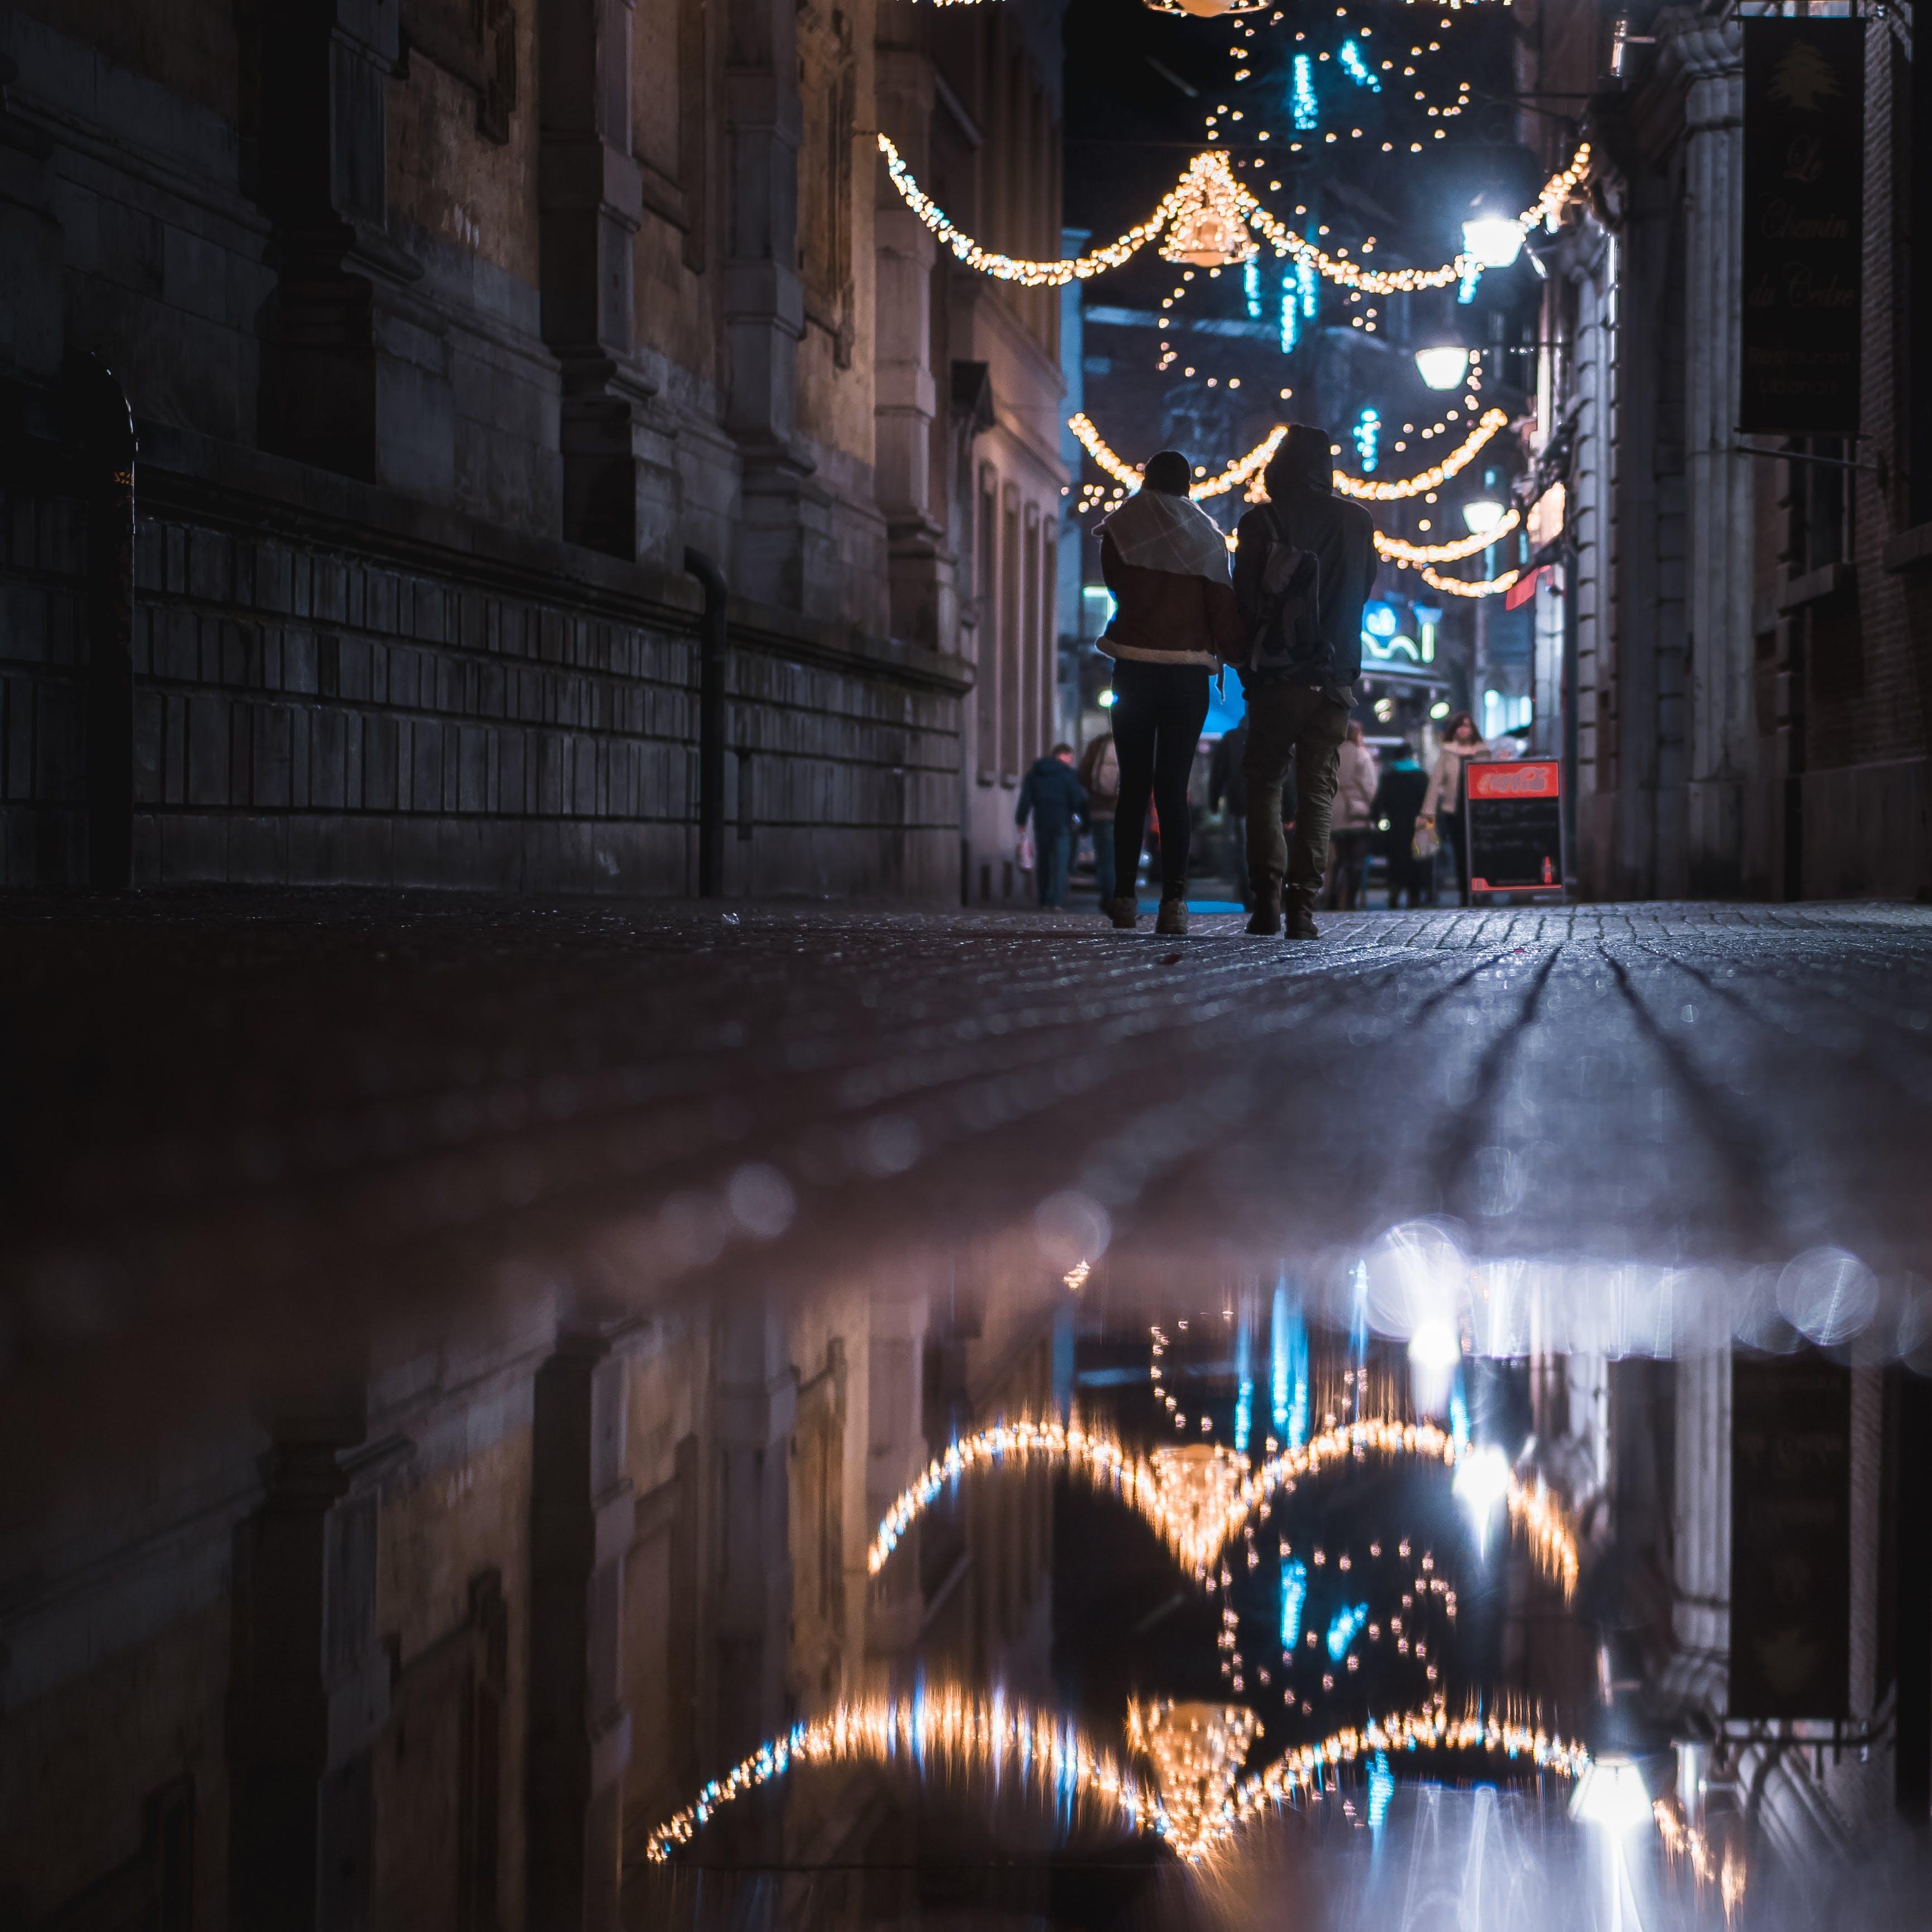 Základová fotografie zdarma na téma architektura, budovy, chůze, dlážděná ulice